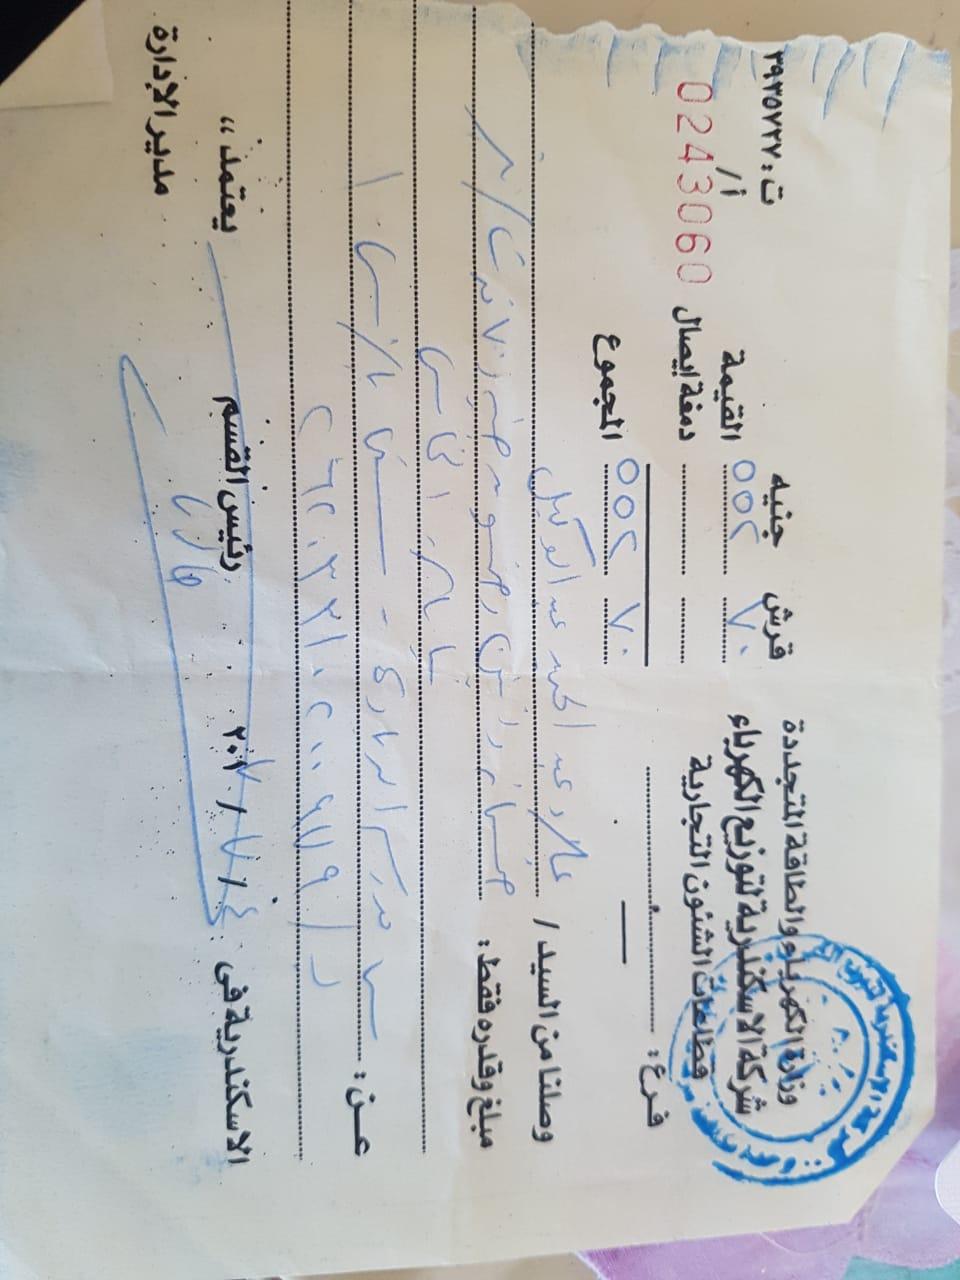 أزمة مشروع سيتي بالاس بالإسكندرية (20)